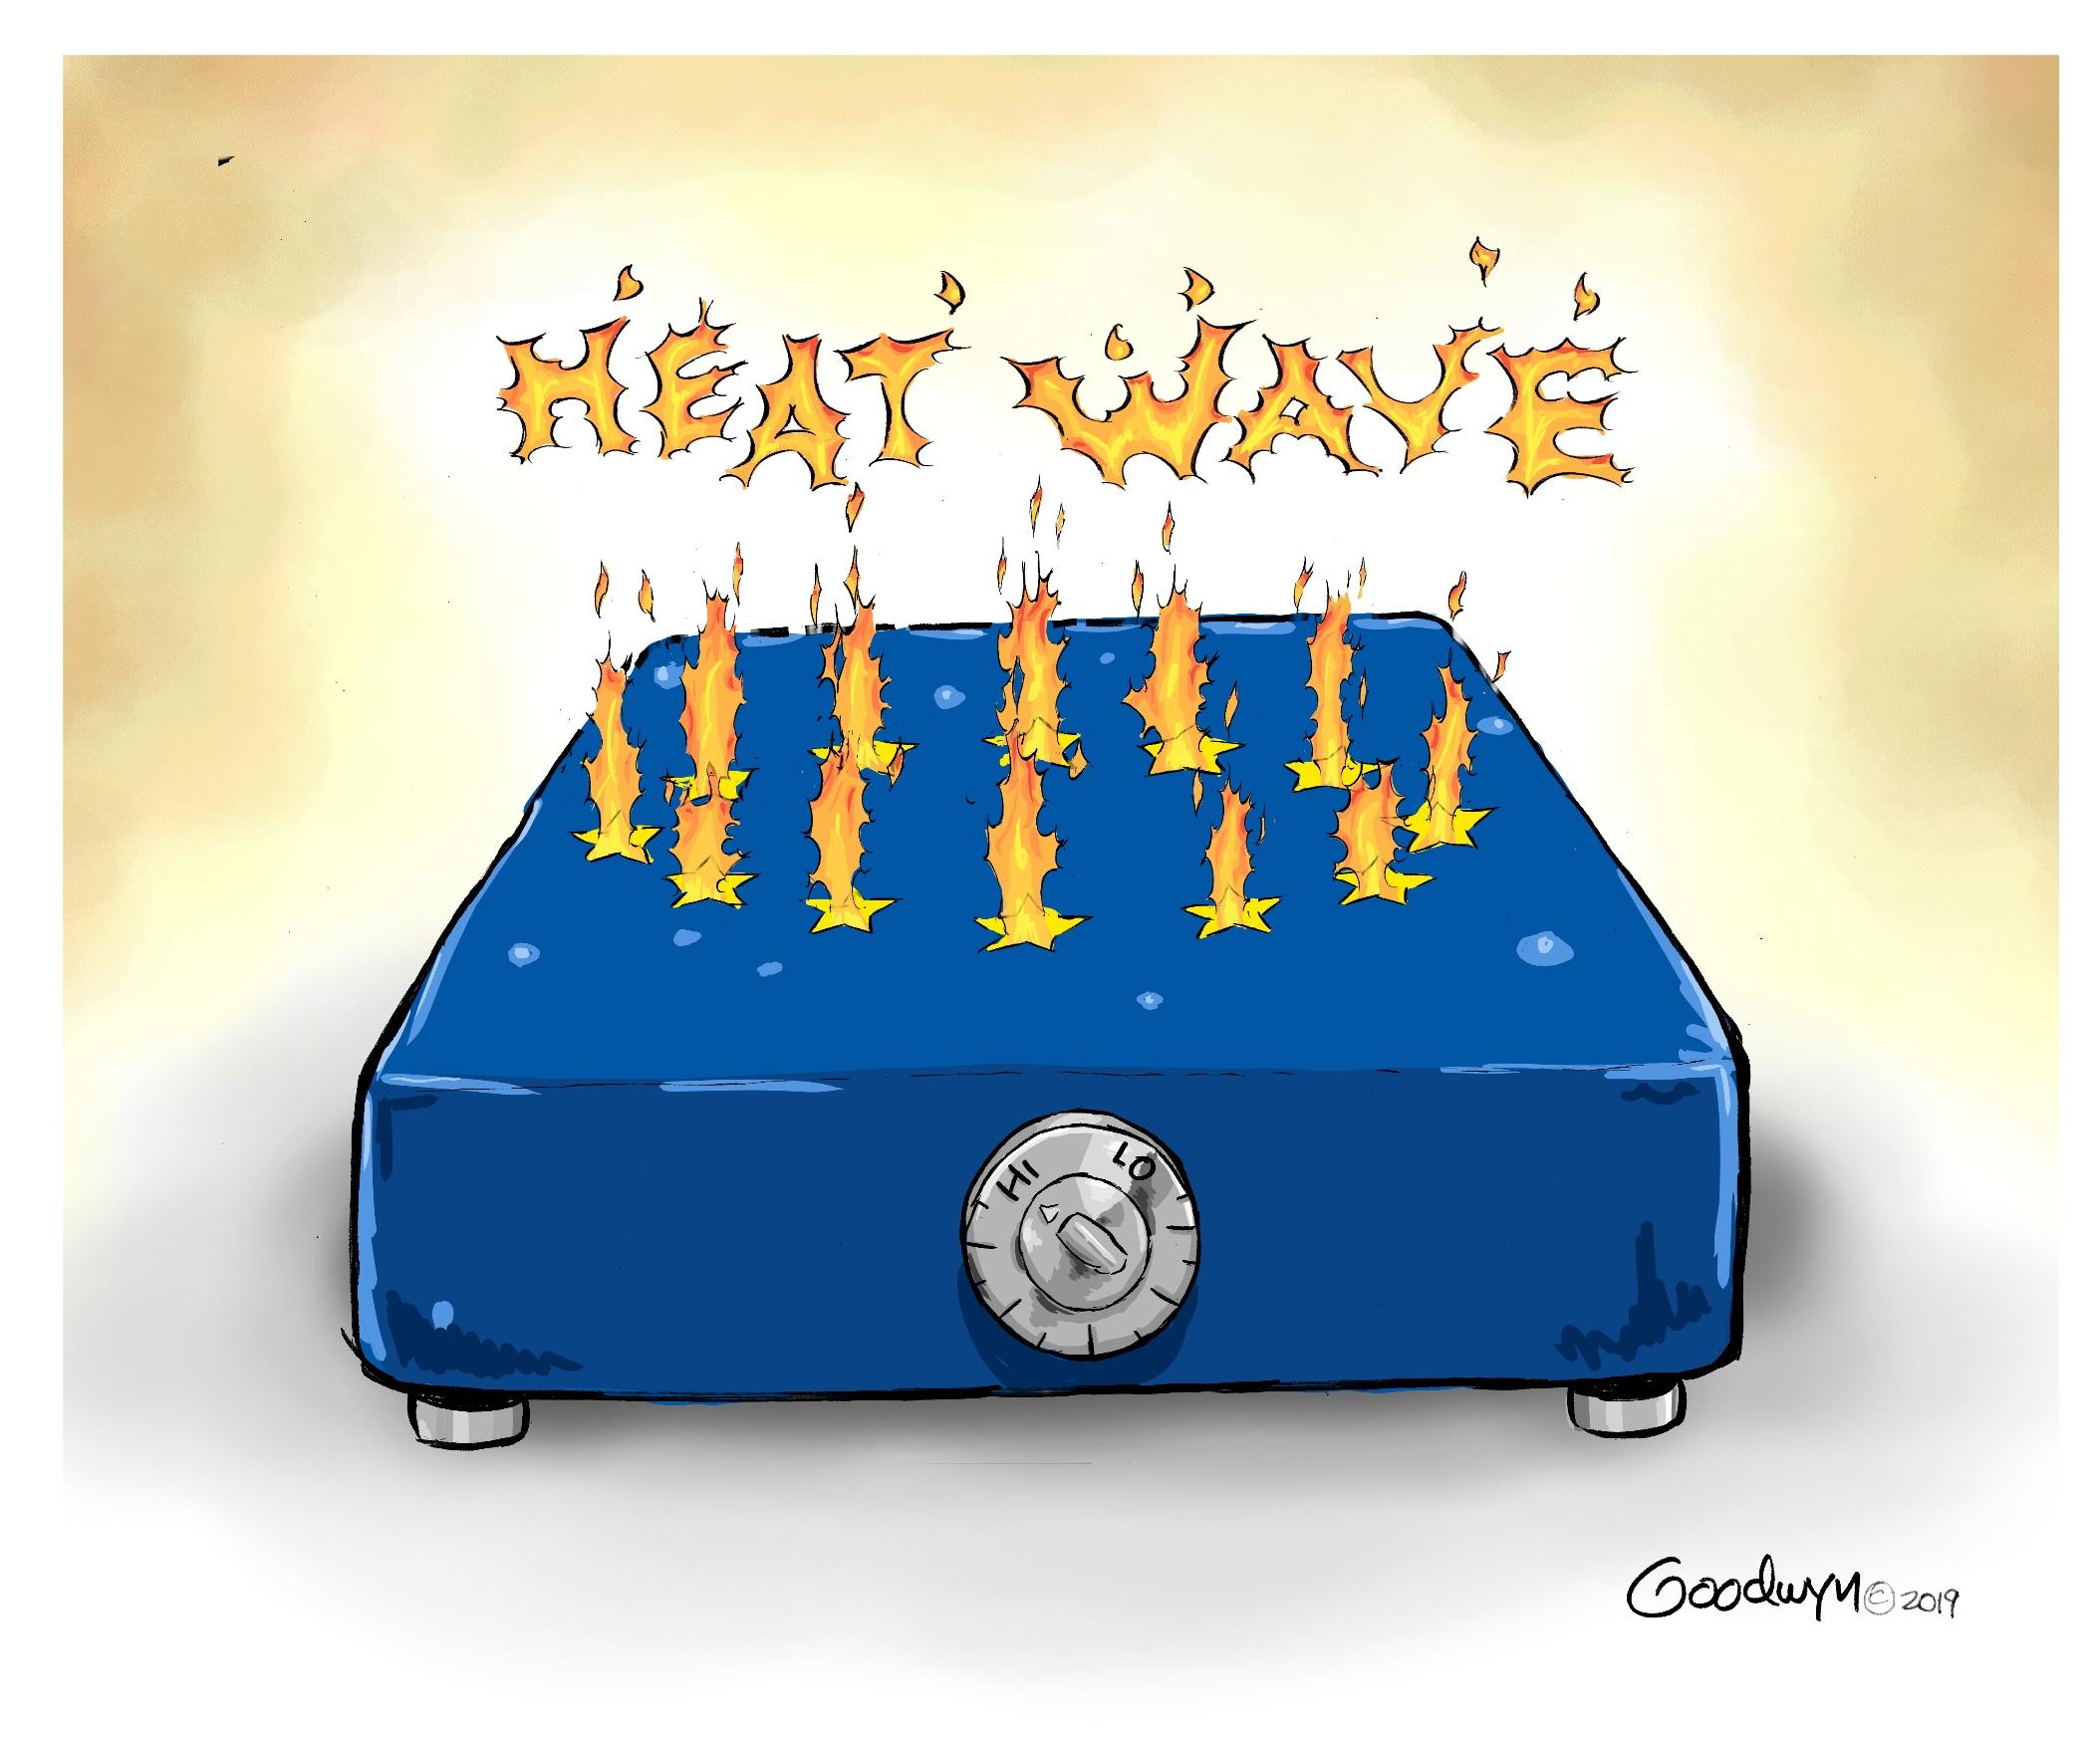 goodwyn Heat Wave 7-1-19